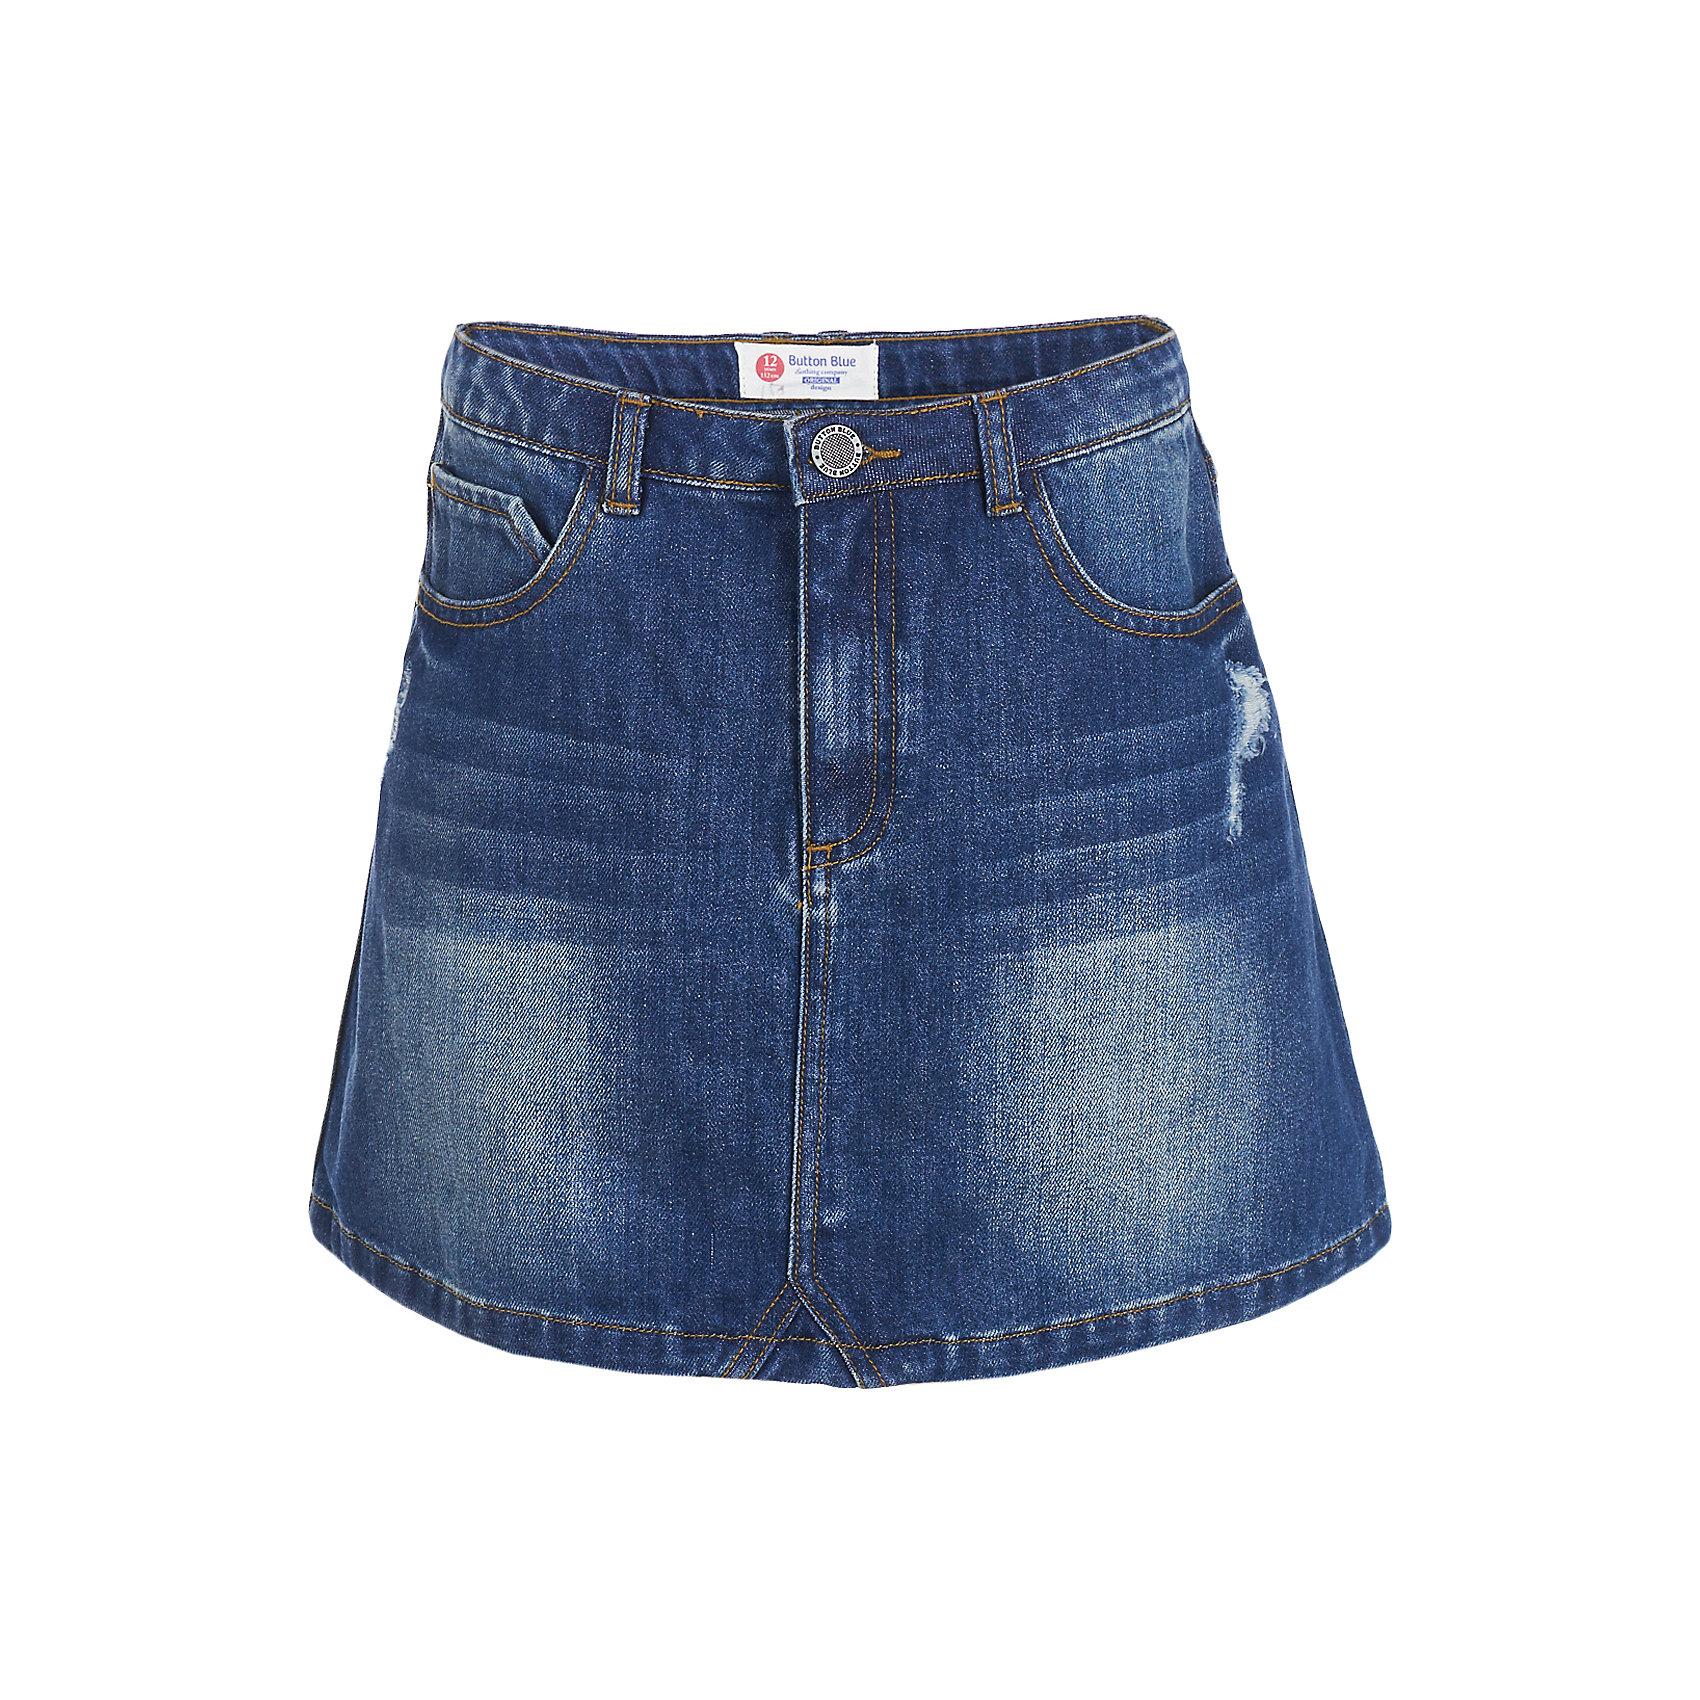 Юбка BUTTON BLUE для девочкиЮбки<br>Юбка BUTTON BLUE для девочки<br>Синяя джинсовая юбка - вещь вне моды и вне конкуренции! В комплекте с любой блузкой, водолазкой, джемпером, синяя джинсовая юбка позволит чувствовать себя уверенно и легко. Если вы хотите купить модную детскую юбку недорого, джинсовая юбка - оптимальный вариант для красивого, практичного и комфортного решения повседневного детского гардероба.<br>Состав:<br>100% хлопок<br><br>Ширина мм: 207<br>Глубина мм: 10<br>Высота мм: 189<br>Вес г: 183<br>Цвет: темно-синий<br>Возраст от месяцев: 96<br>Возраст до месяцев: 108<br>Пол: Женский<br>Возраст: Детский<br>Размер: 134,140,146,152,122,98,104,110,116,128,158<br>SKU: 7037745